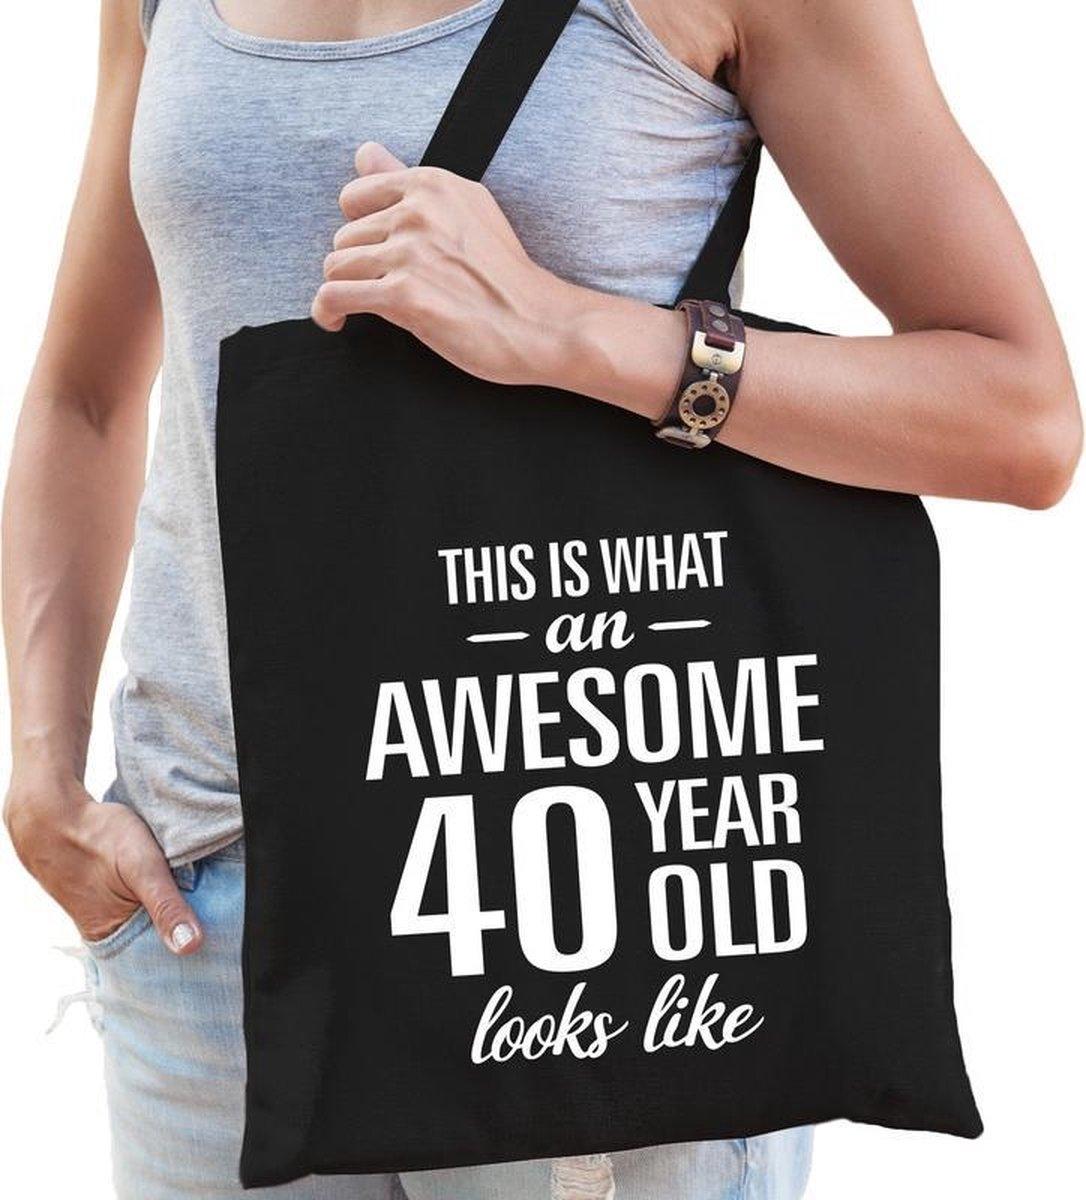 Awesome 40 year / geweldig 40 jaar cadeau tas zwart voor dames - kado tas / verjaardag tasje / shopp